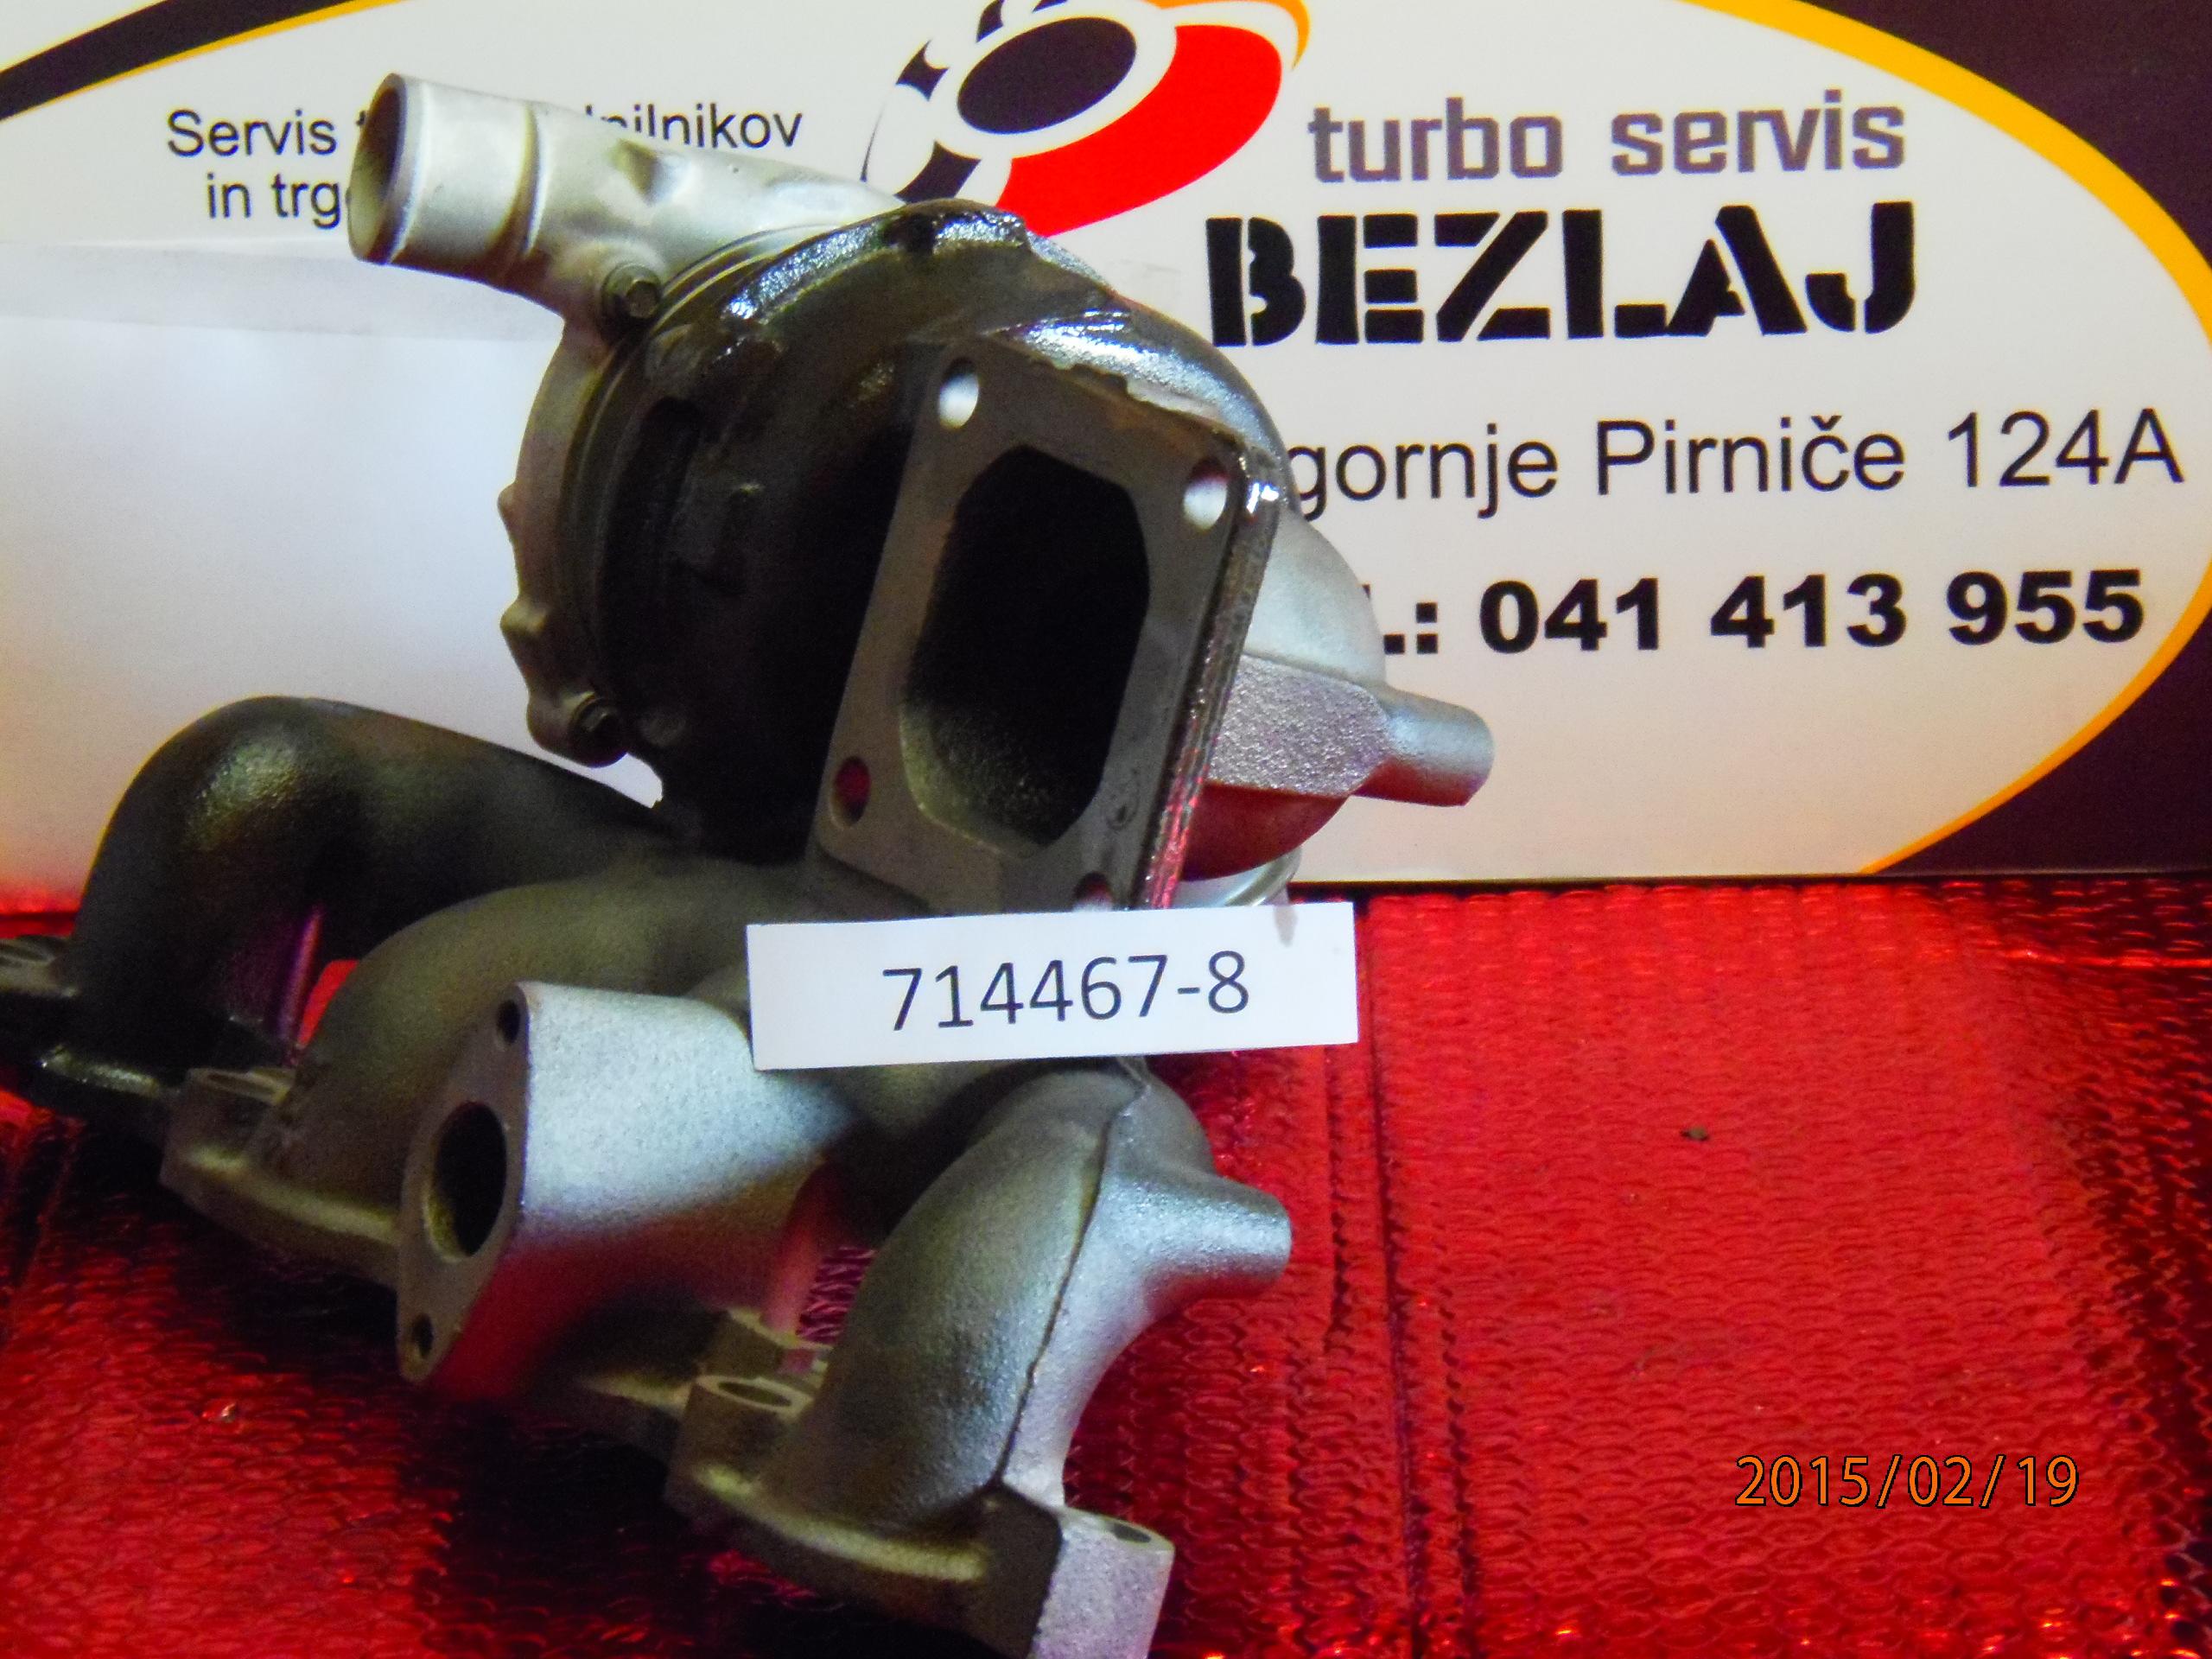 turbo714467-8 (2)